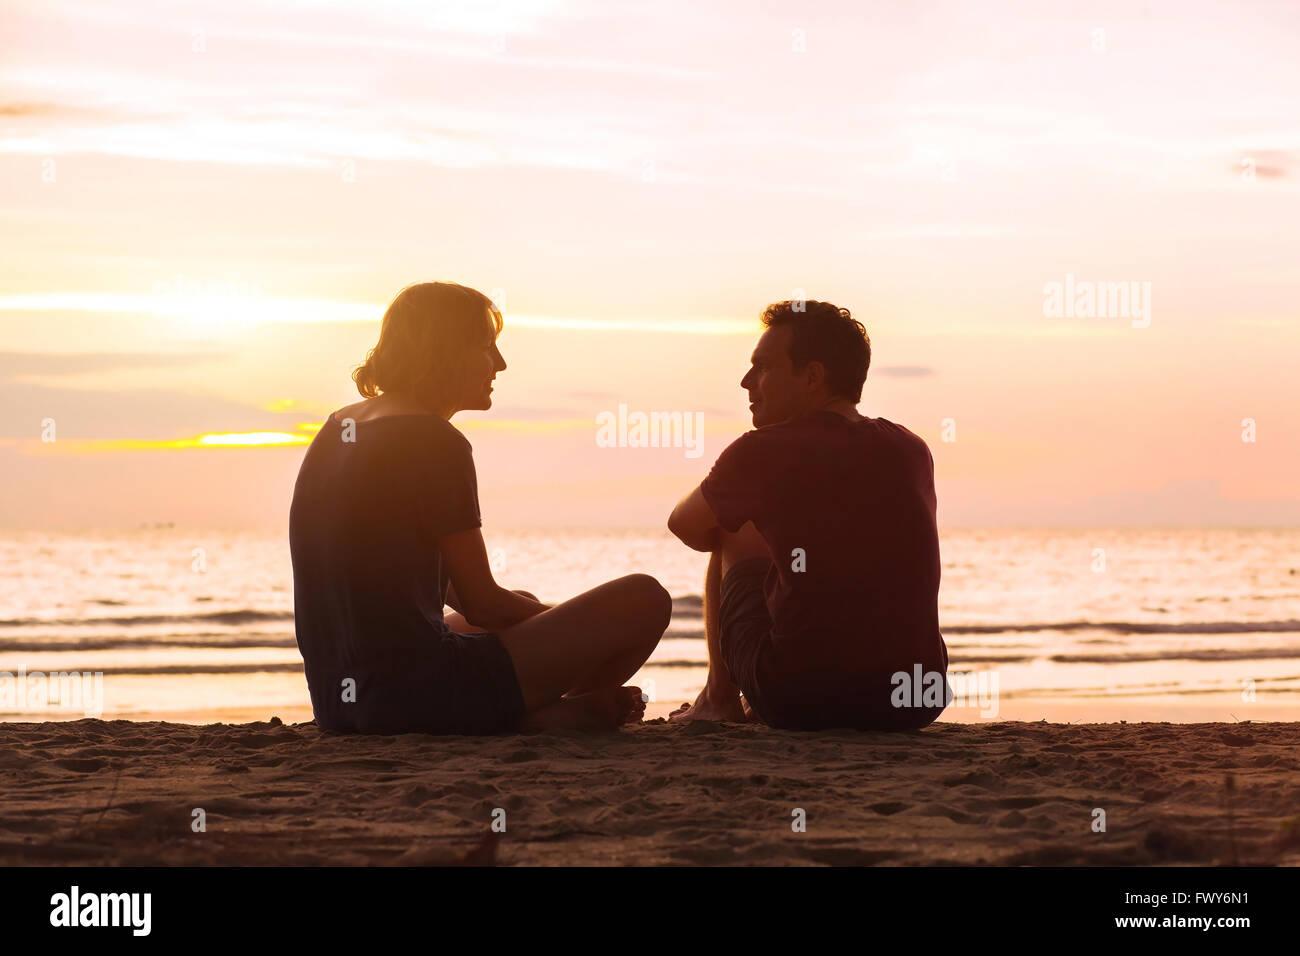 Mann und Frau am Strand bei Sonnenuntergang, junge Paar sprechen in der Nähe von das Meer, dating oder Freundschaft Stockbild